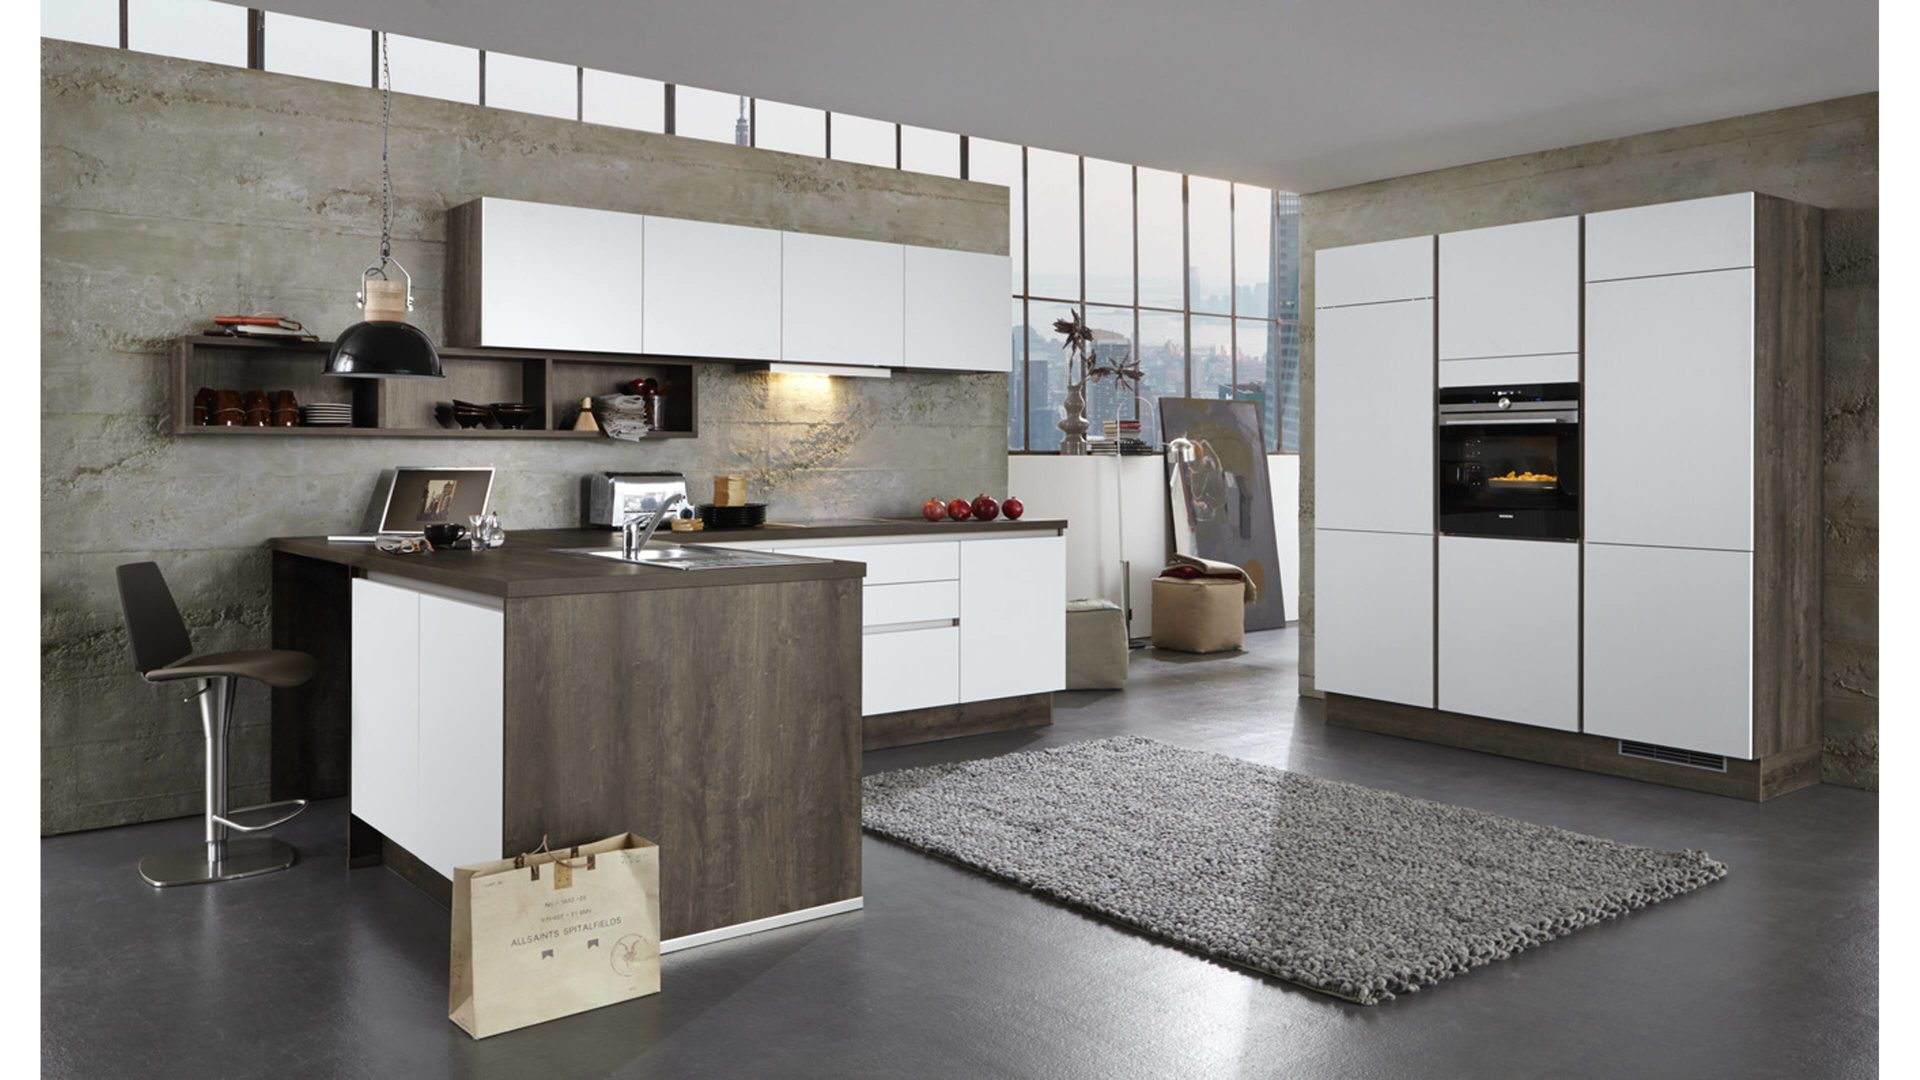 Einbauküche Brigitte Küchen Frickemeier | Culineo Aus Holz In Weiß Culineo L  Küche Mit SIEMENS